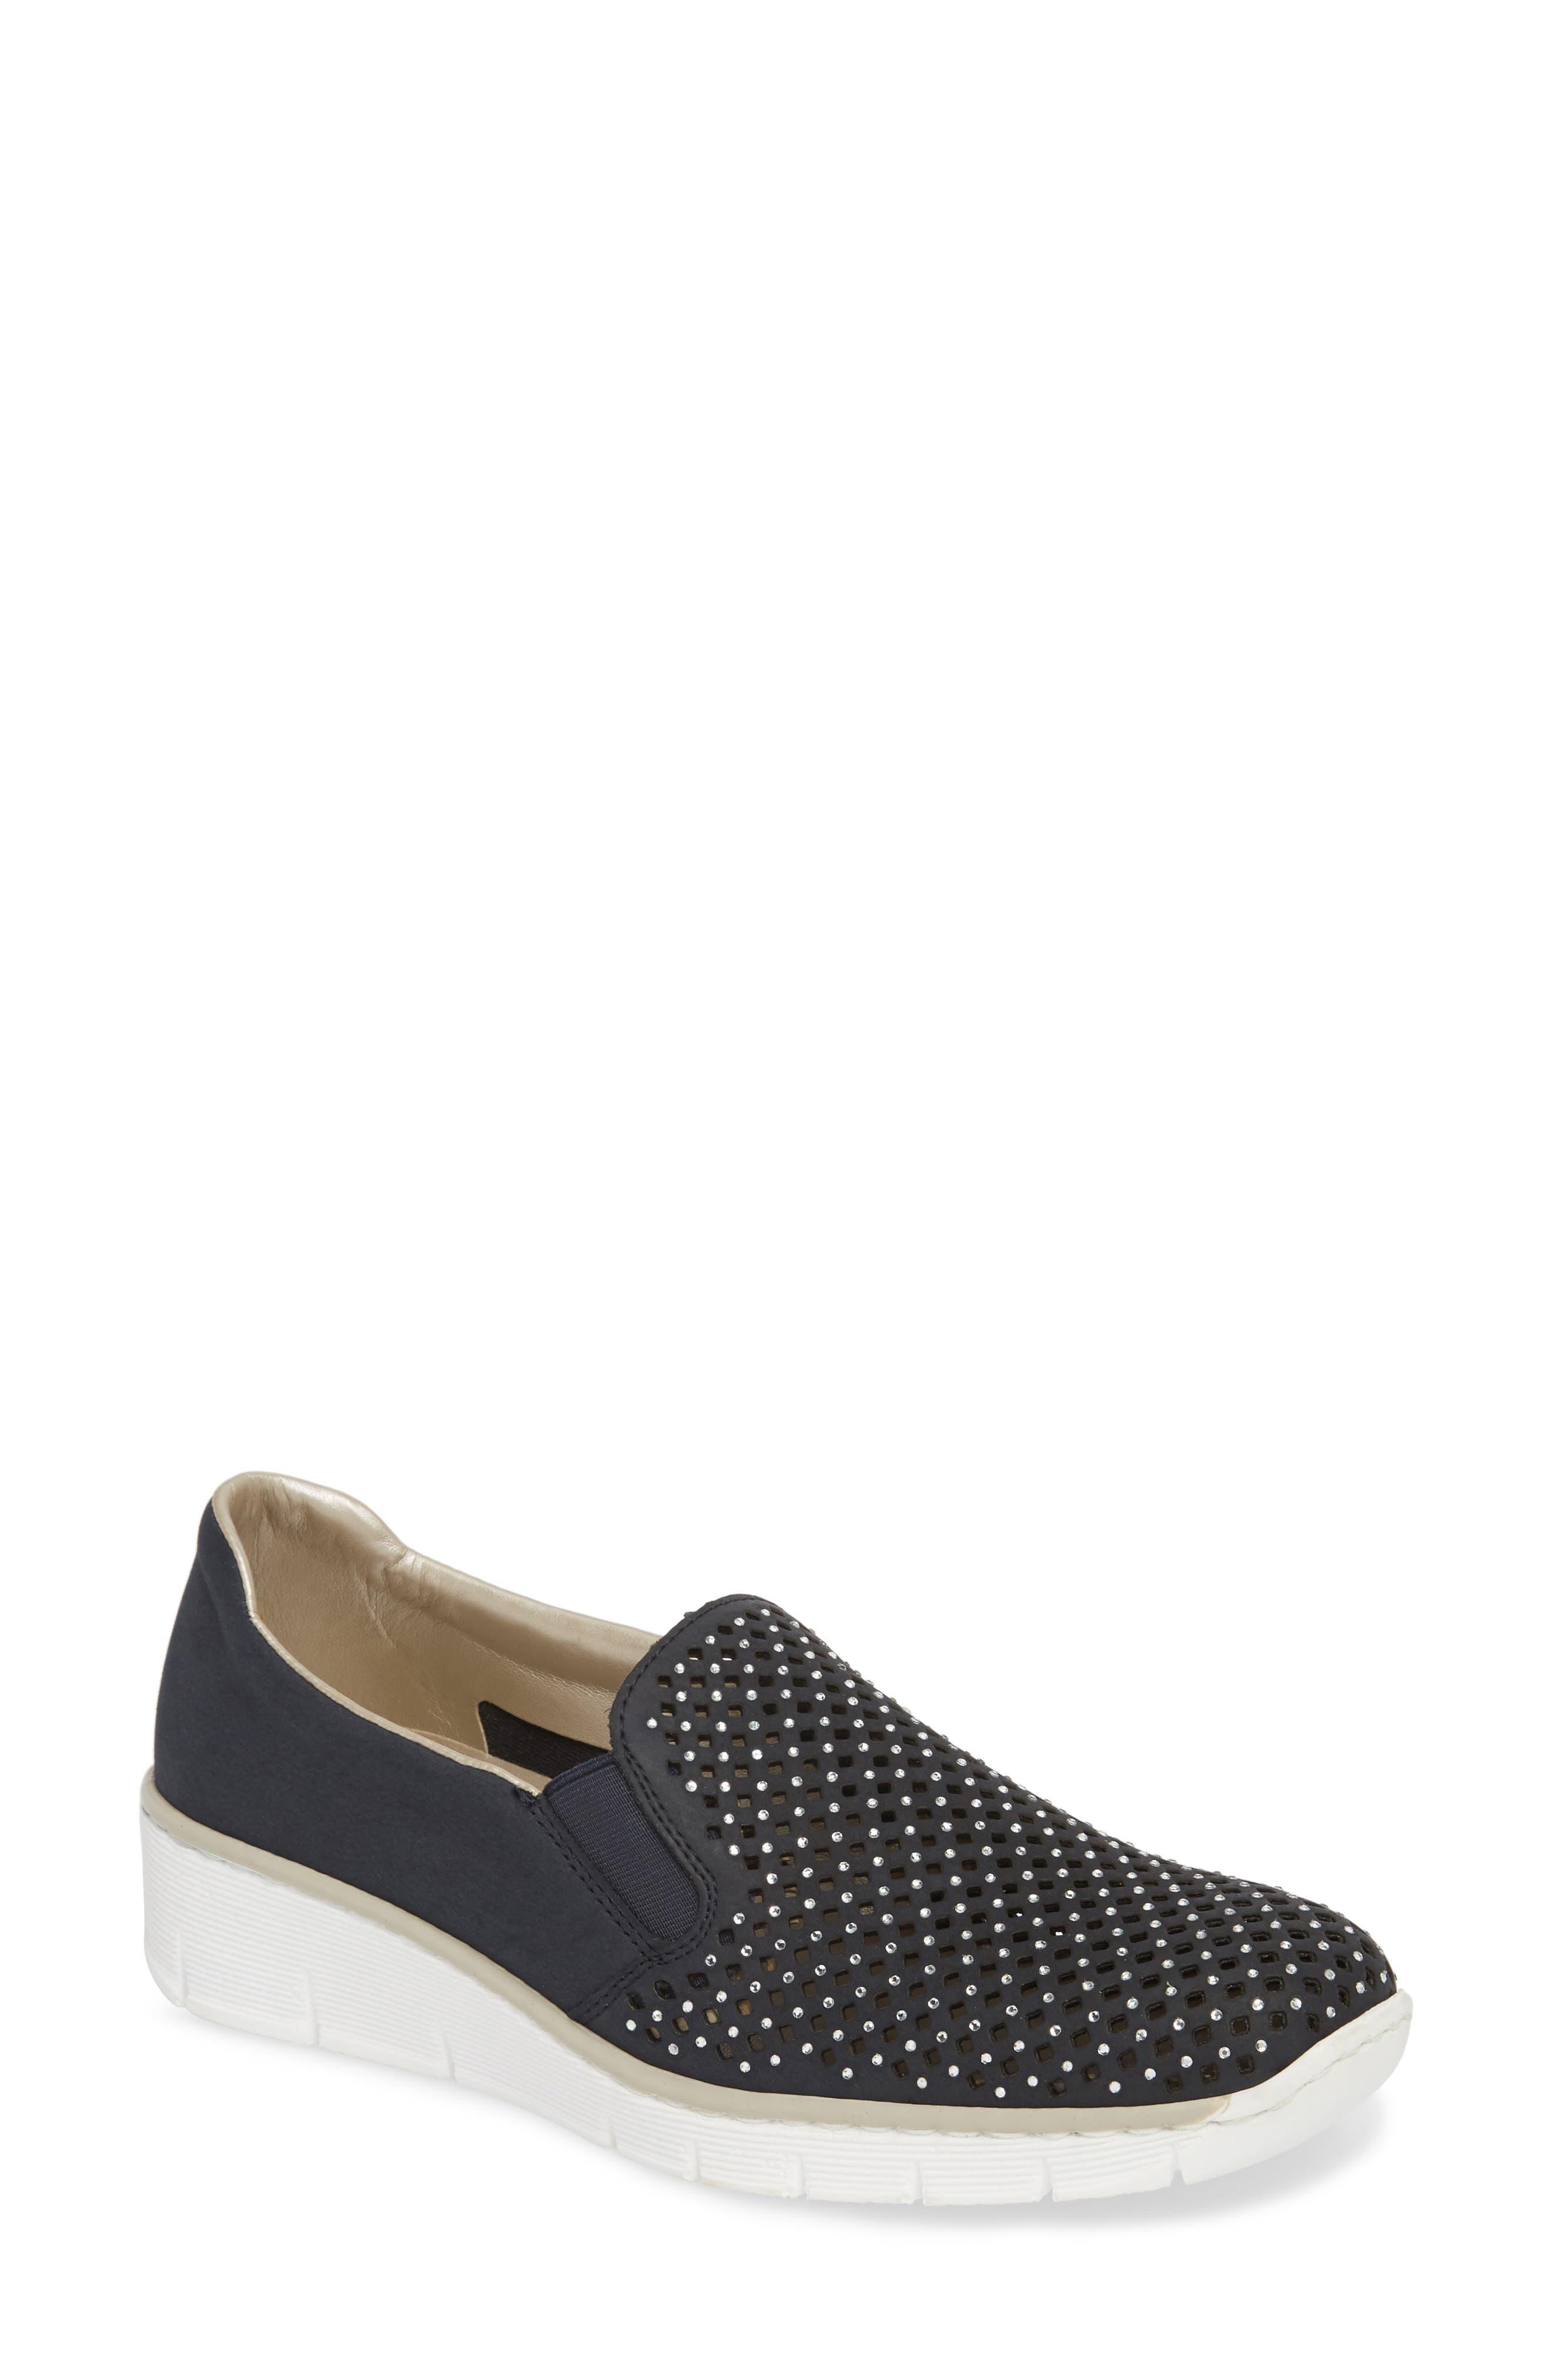 Rieker Women's Doris A6 Wedge Sneaker 3NclmYb